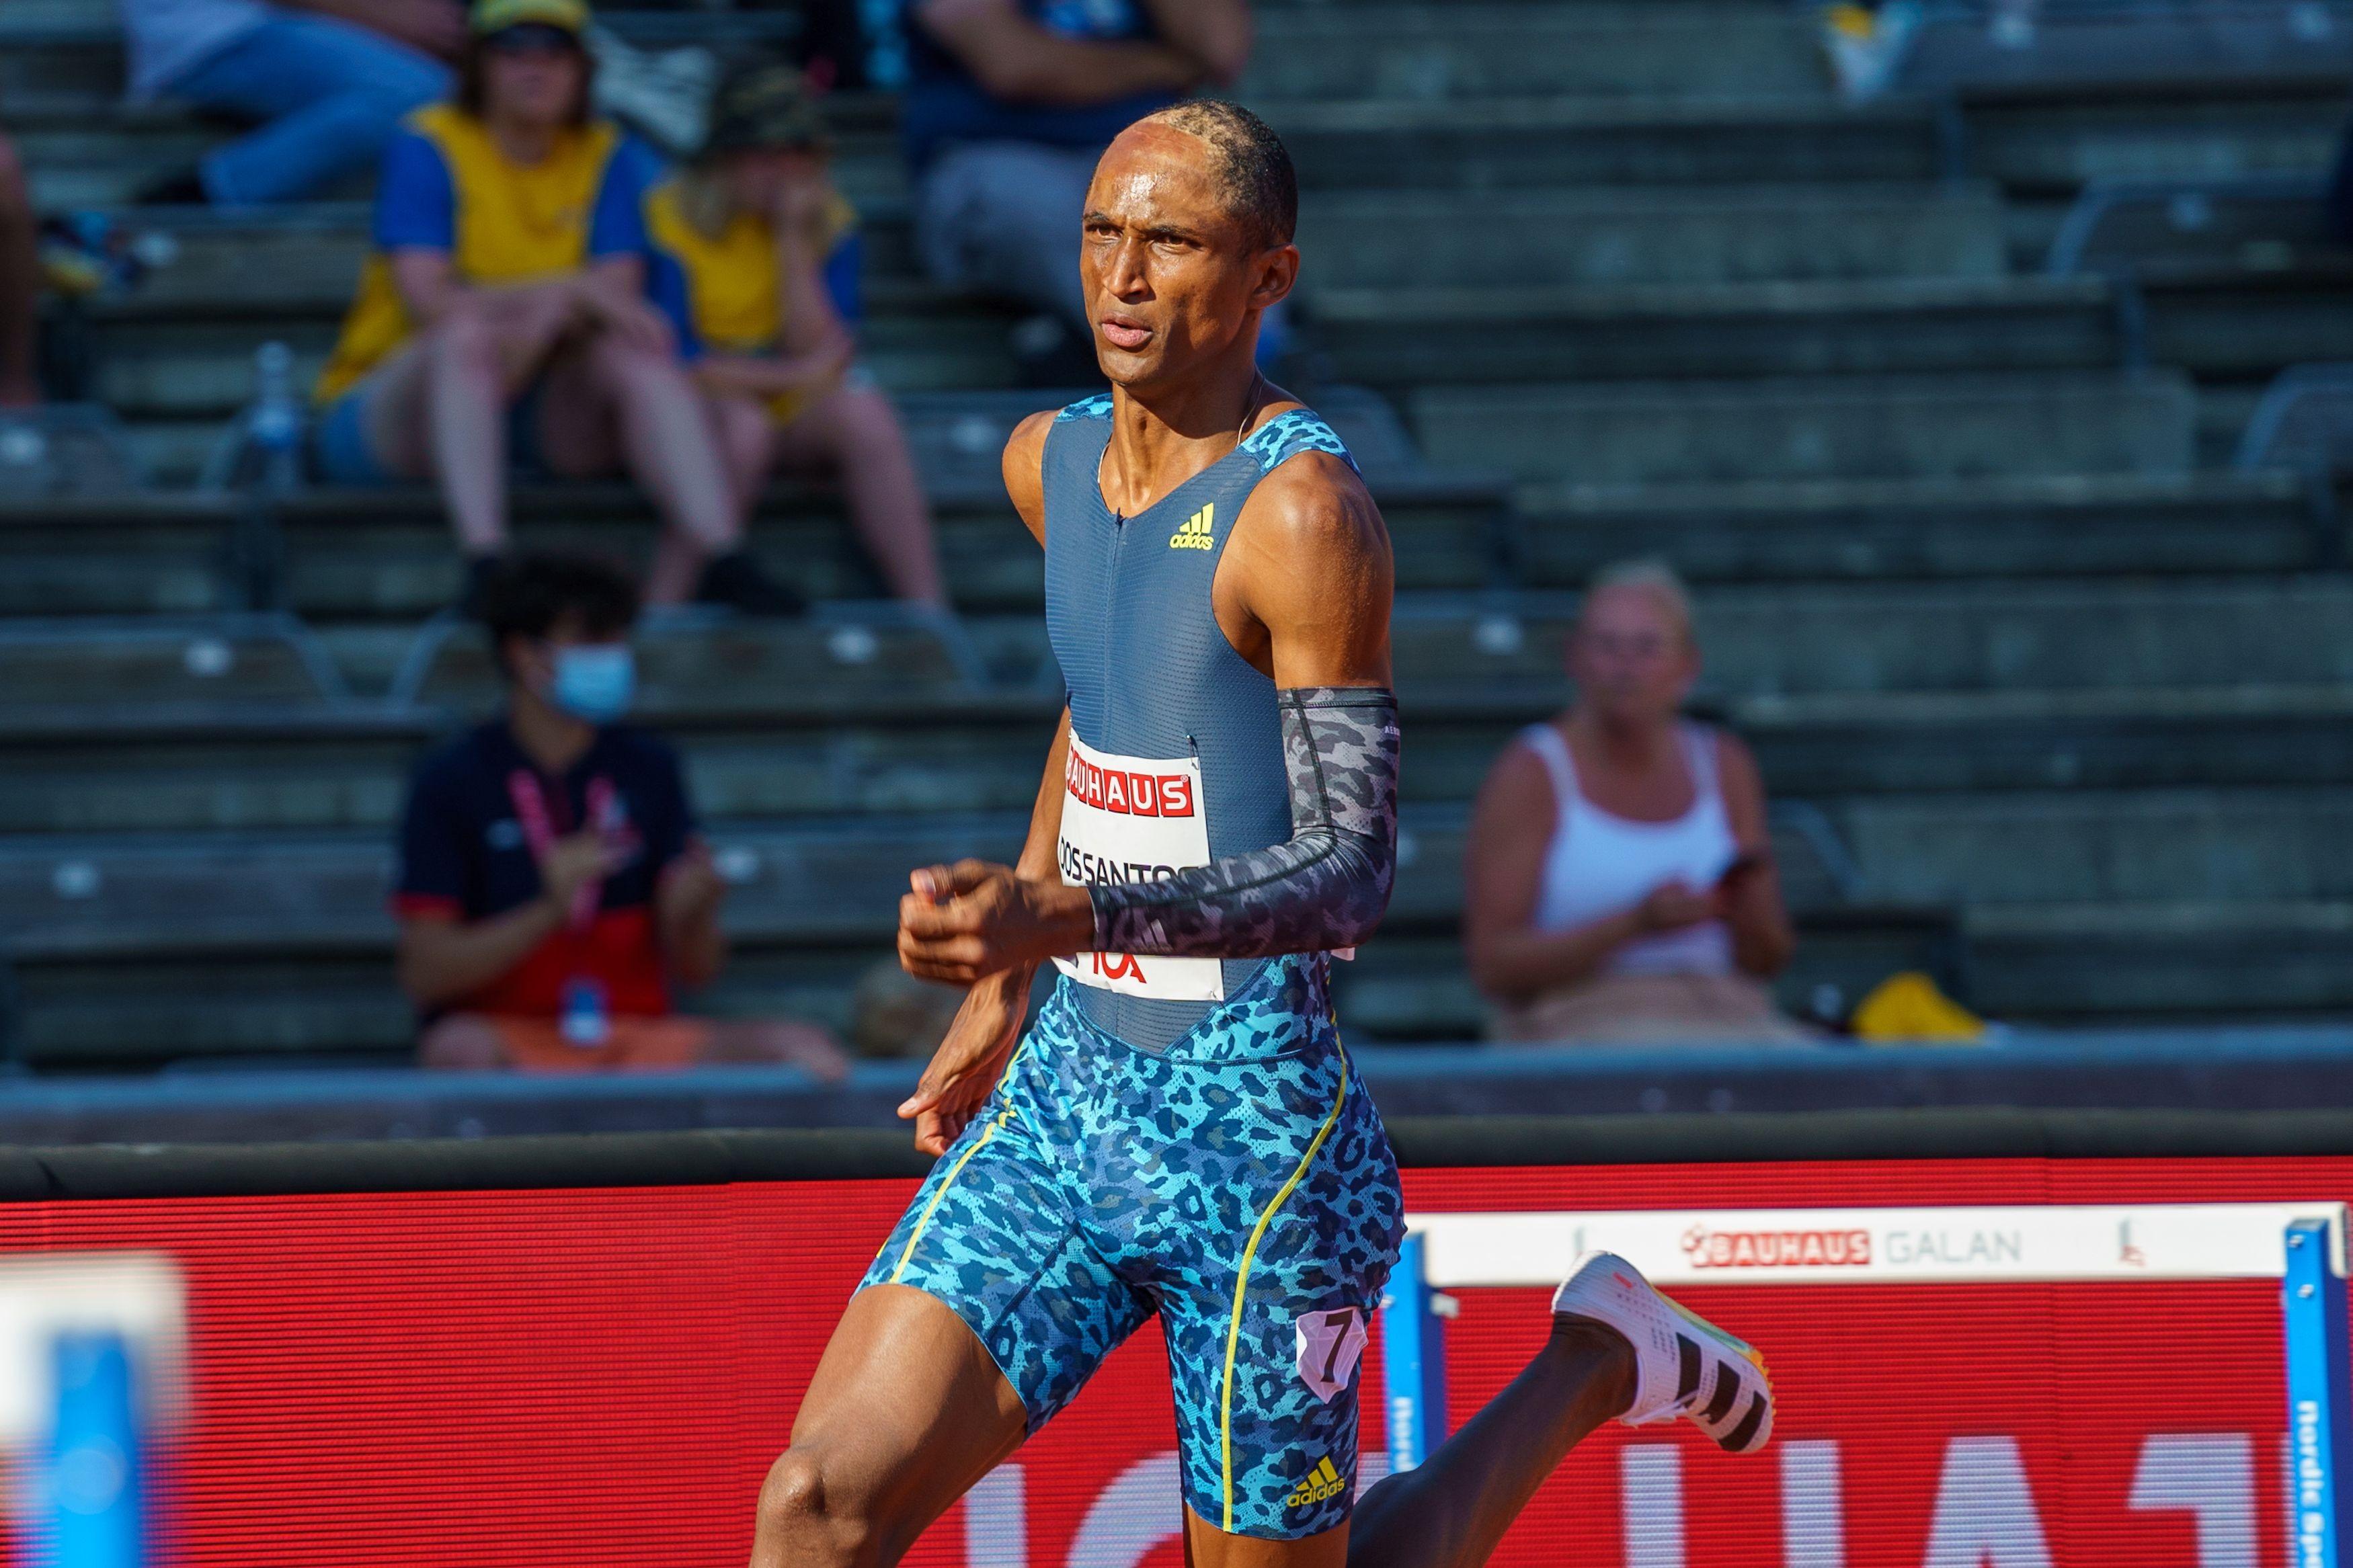 Olimpíadas: acompanhe o Brasil nas disputas do atletismo!